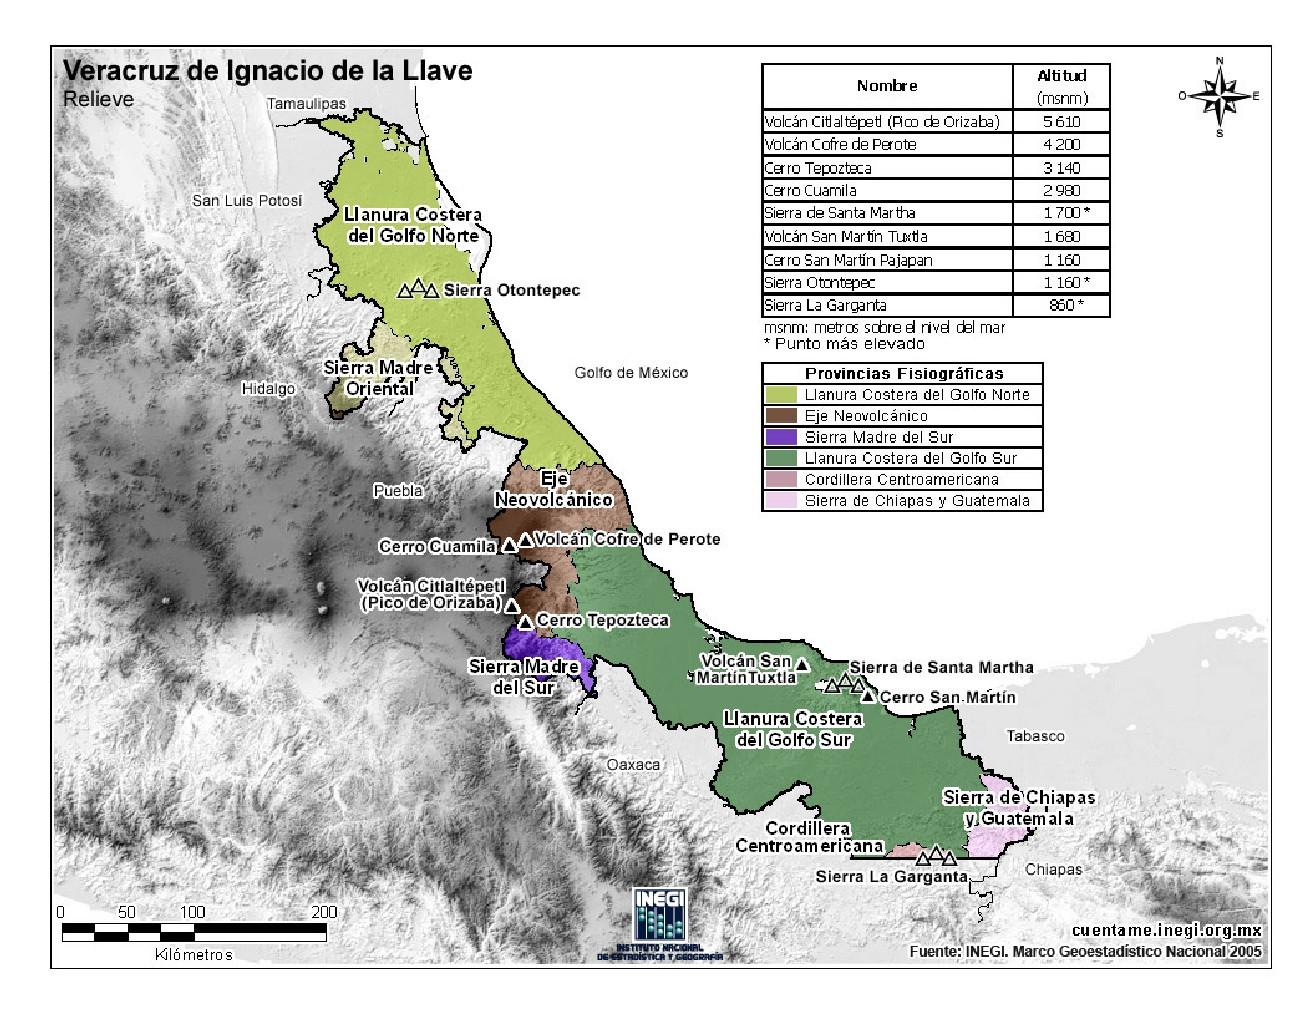 Mapa en color de montañas de Veracruz. INEGI de México